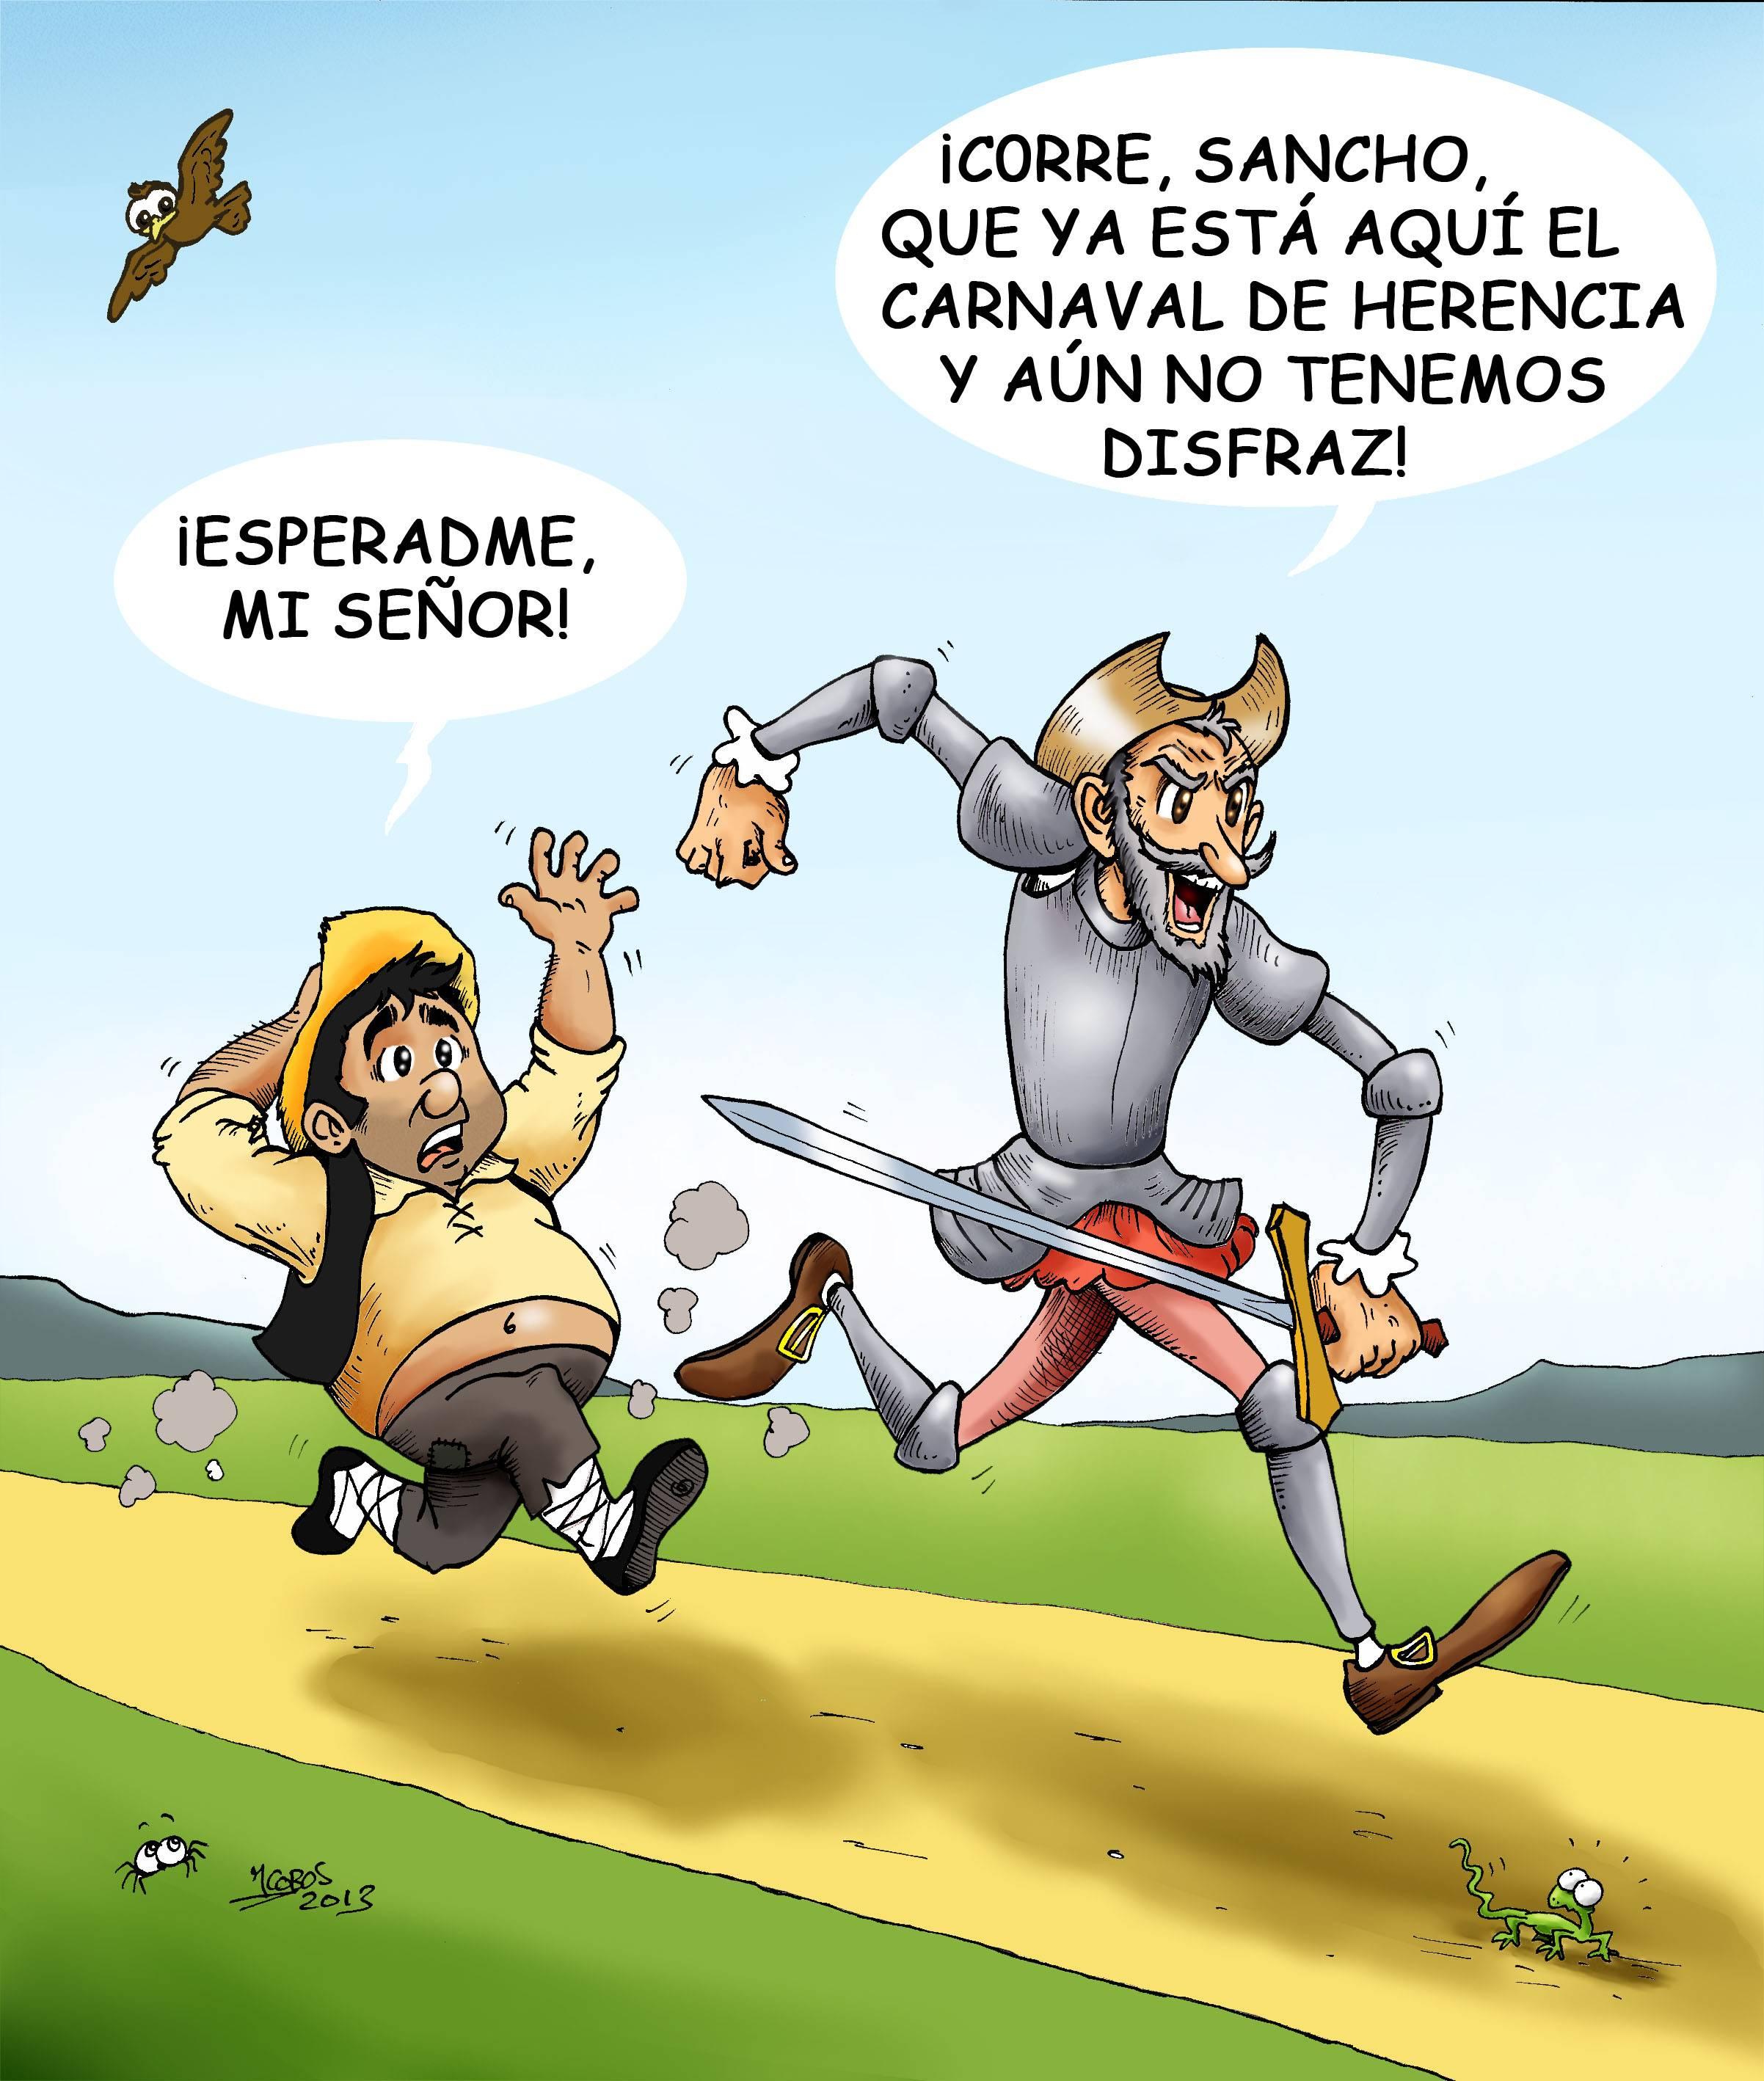 Sancho, corre! copia